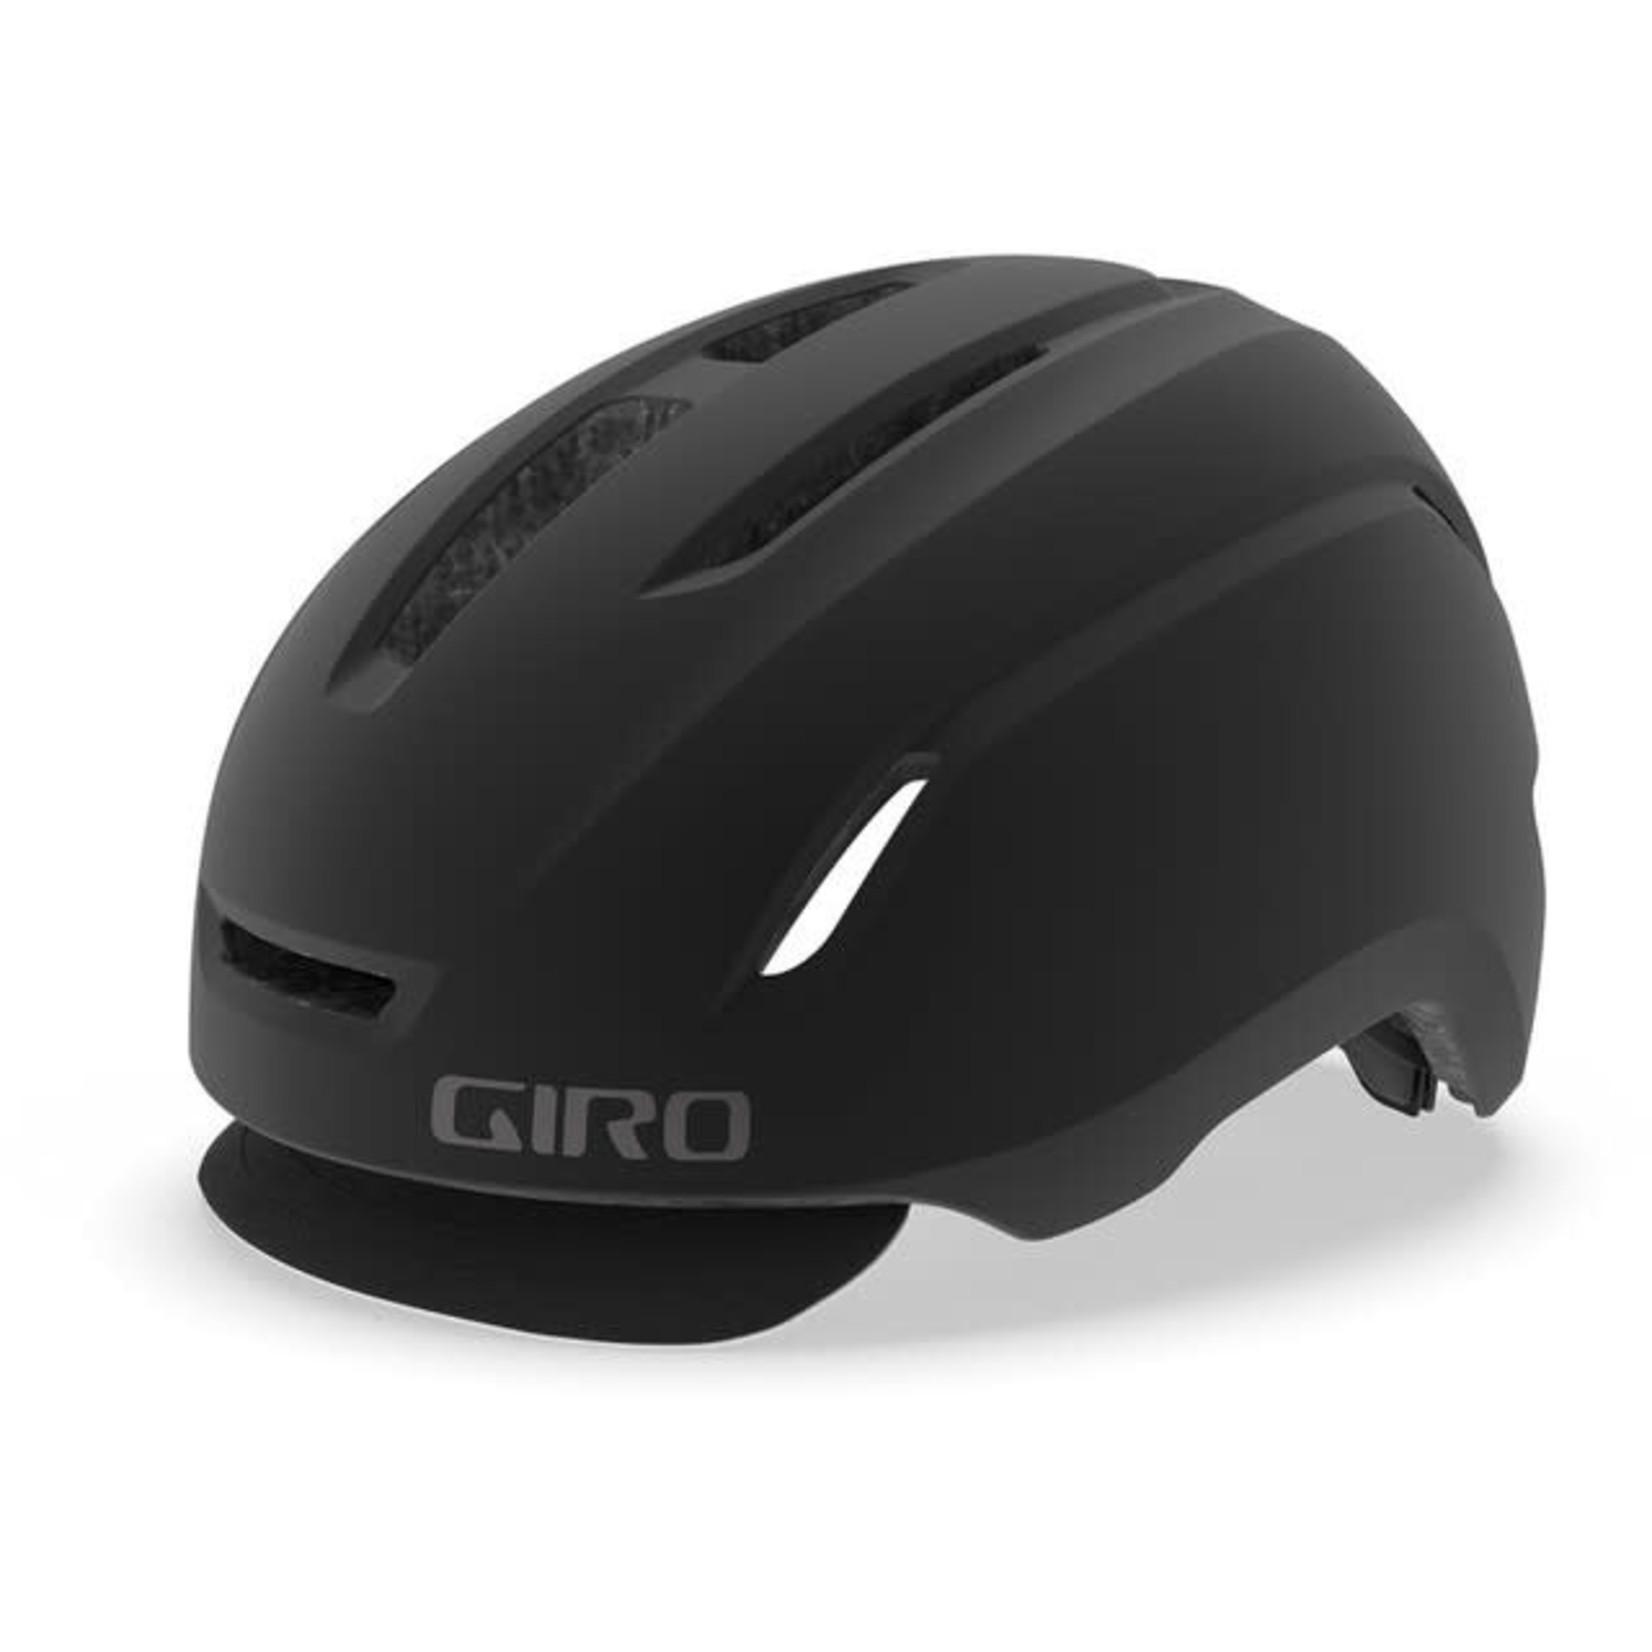 Giro Cycling Giro - Caden mat black